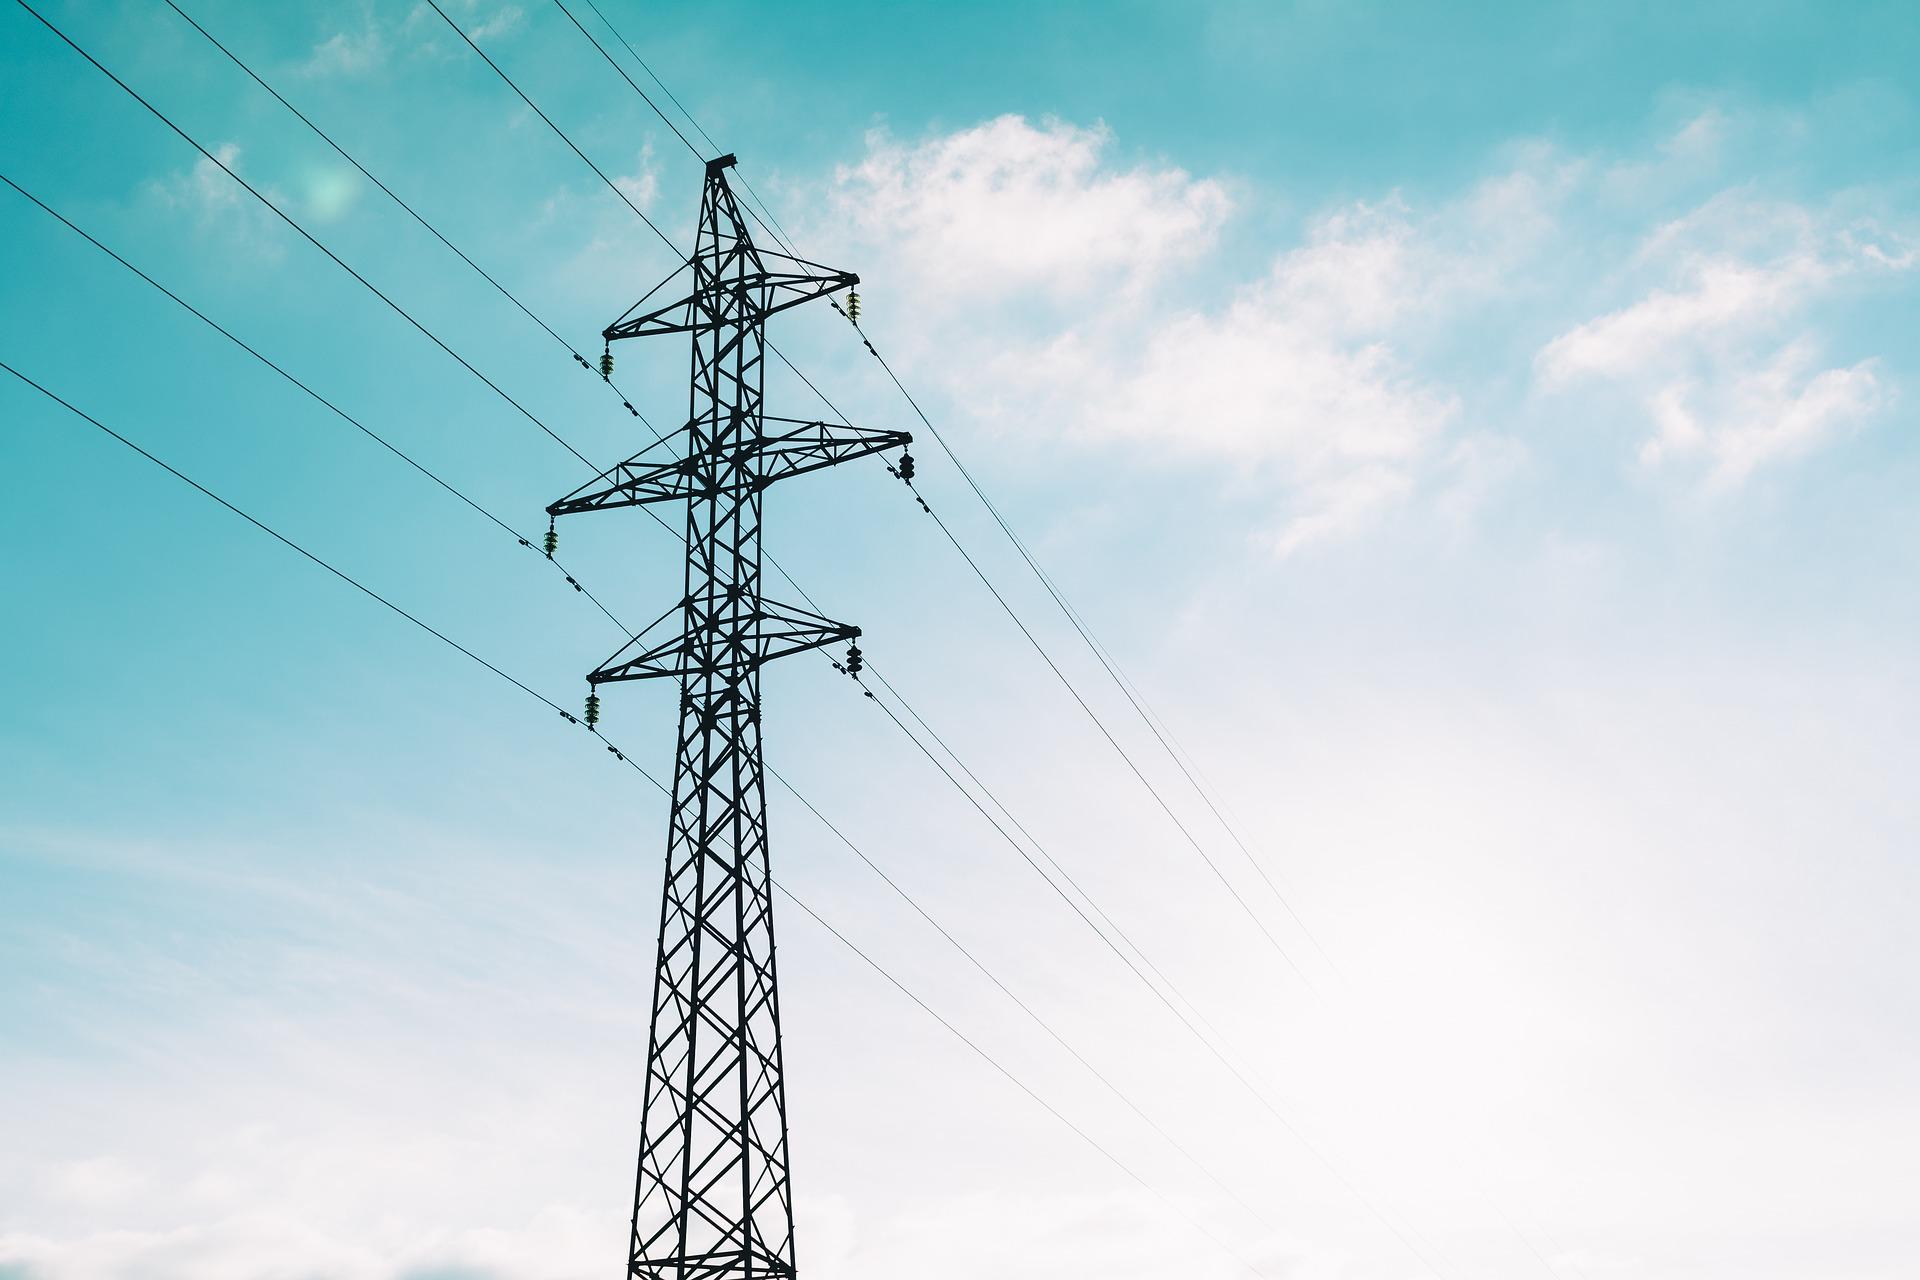 Reforma a la ley eléctrica, implicaría energía más cara y contaminante